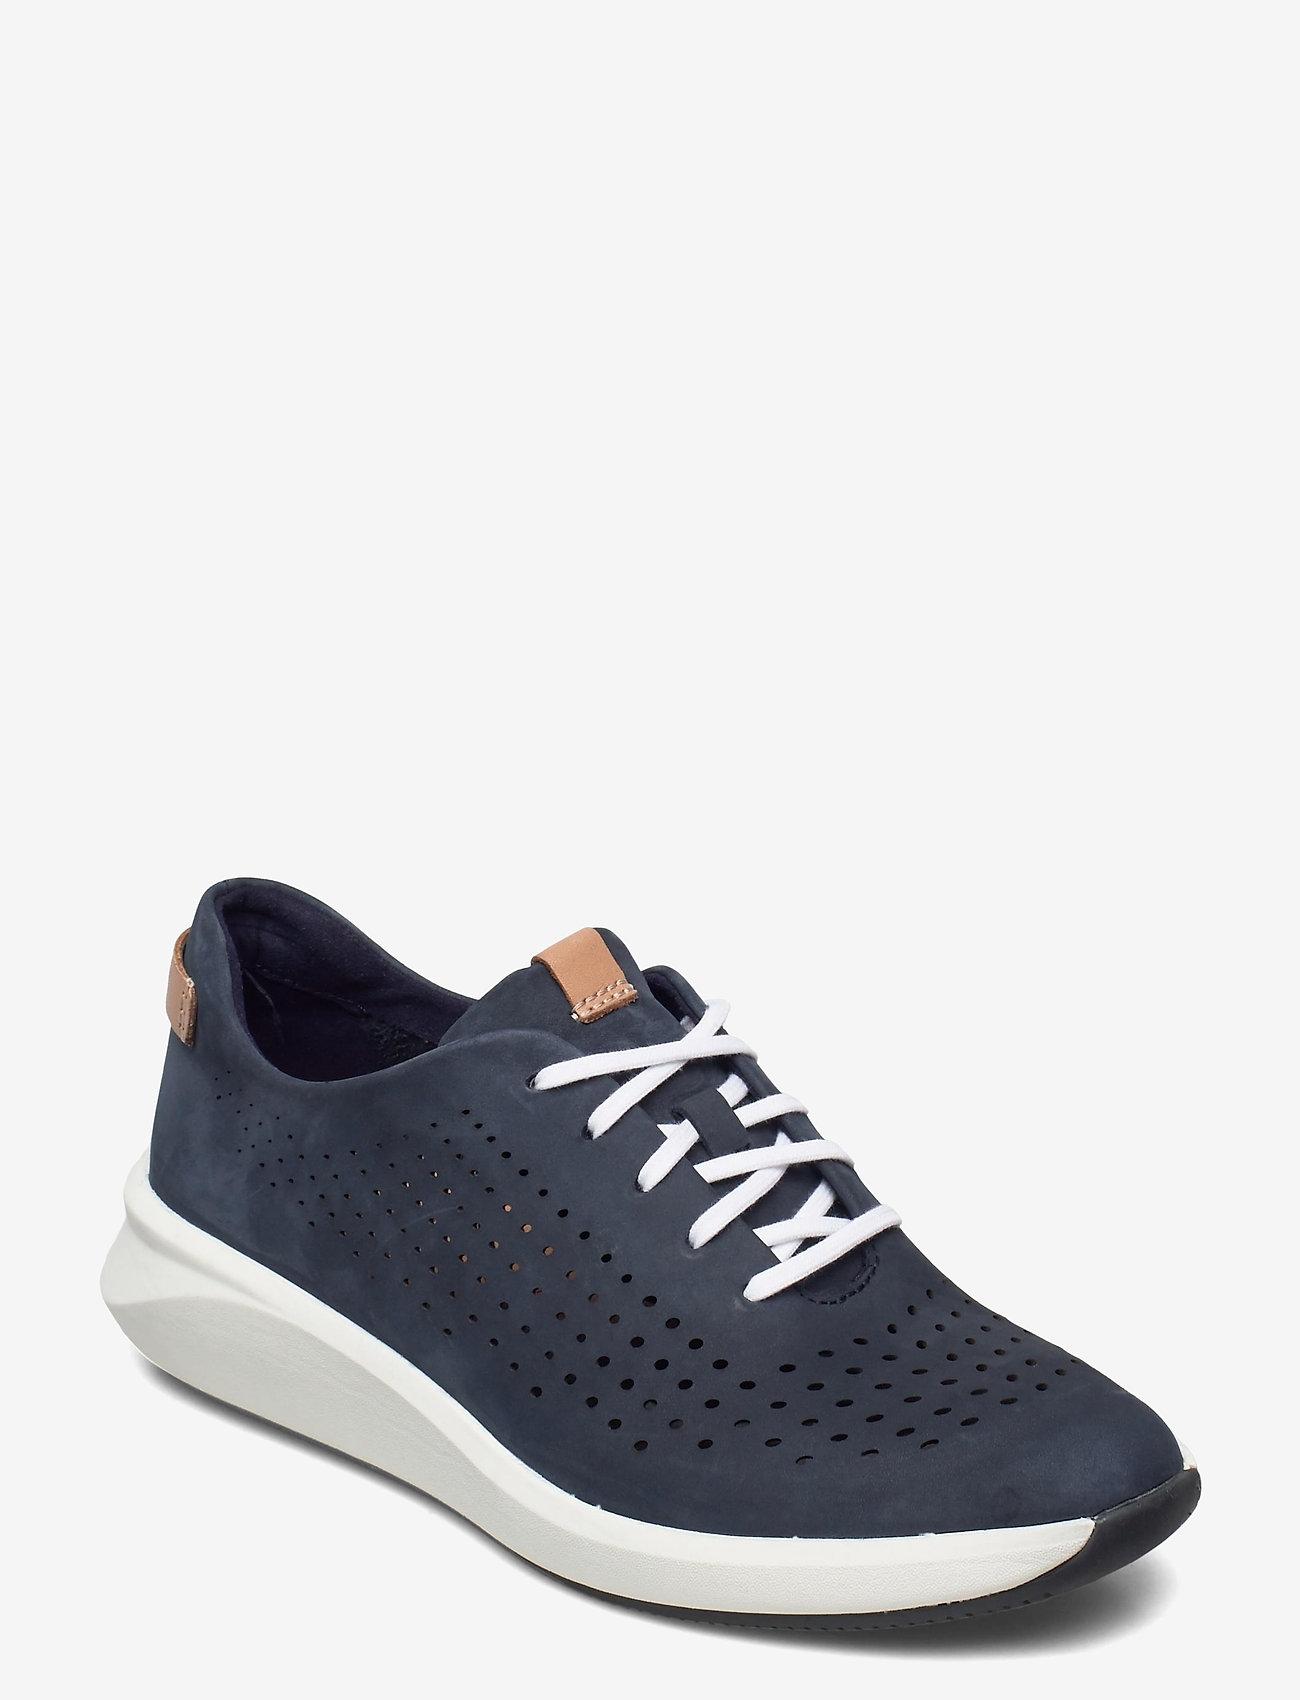 Clarks - Un Rio Tie - låga sneakers - navy nubuck - 0